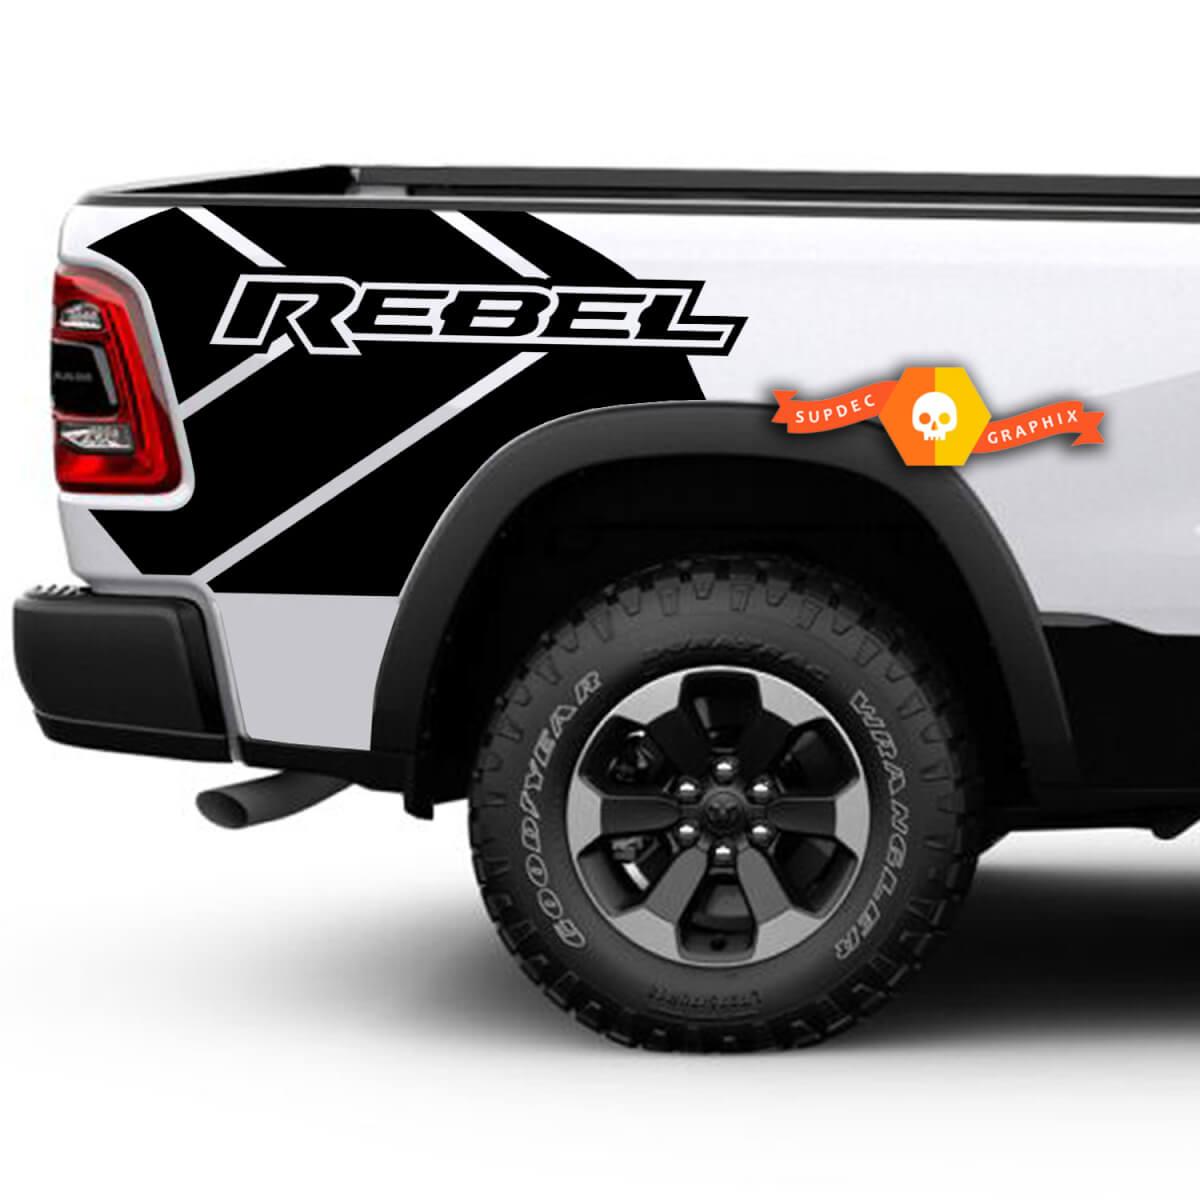 Dodge Ram Rebel Grunge Logo LKW-Bett Vinyl-Aufkleber-Grafik